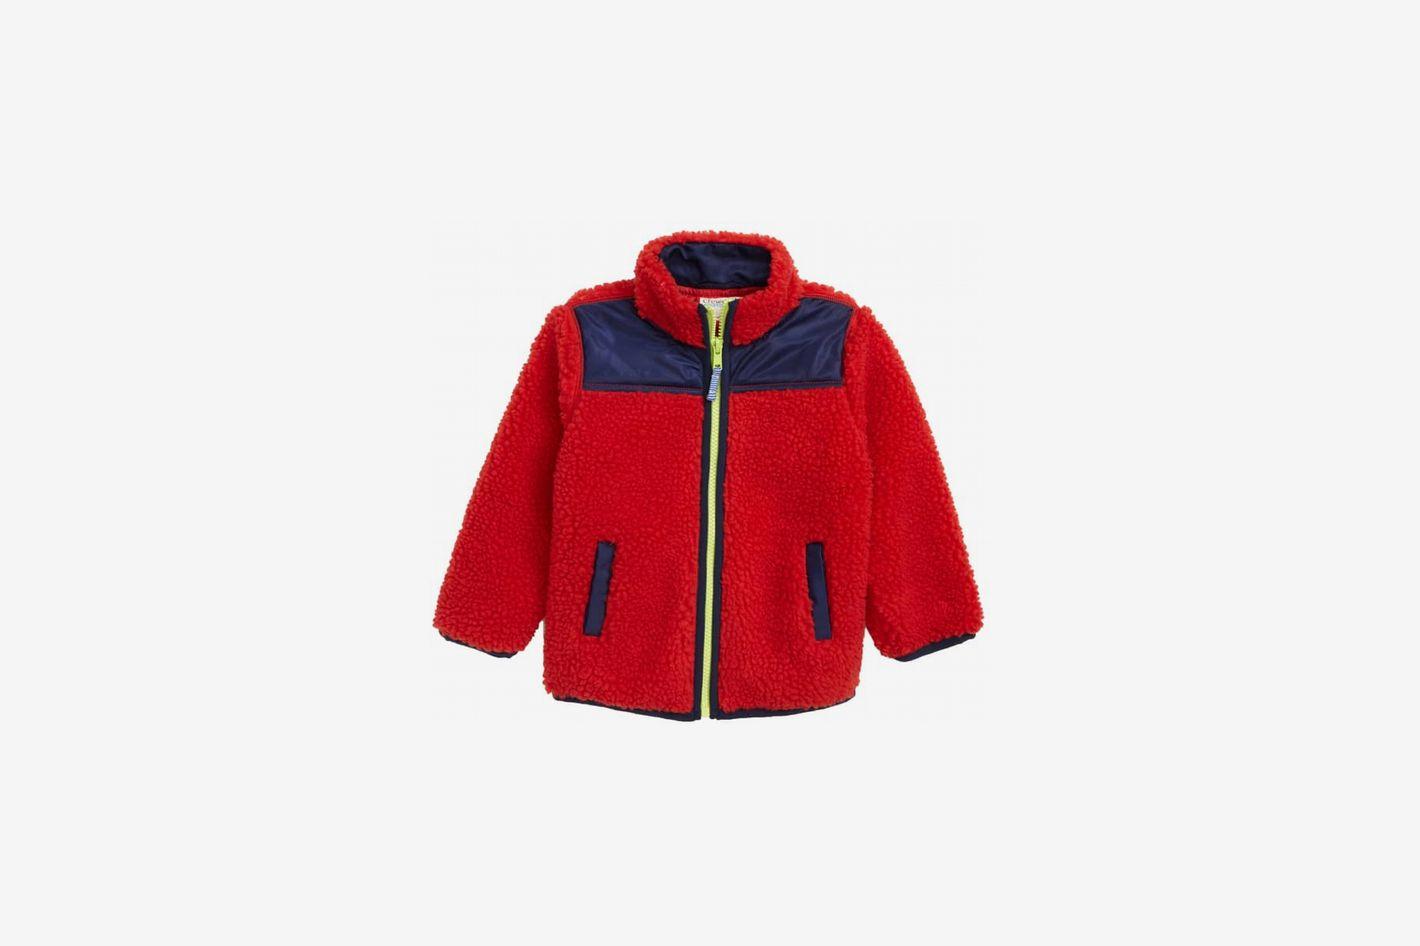 J. Crew Crewcuts Colorblock Fleece Jacket